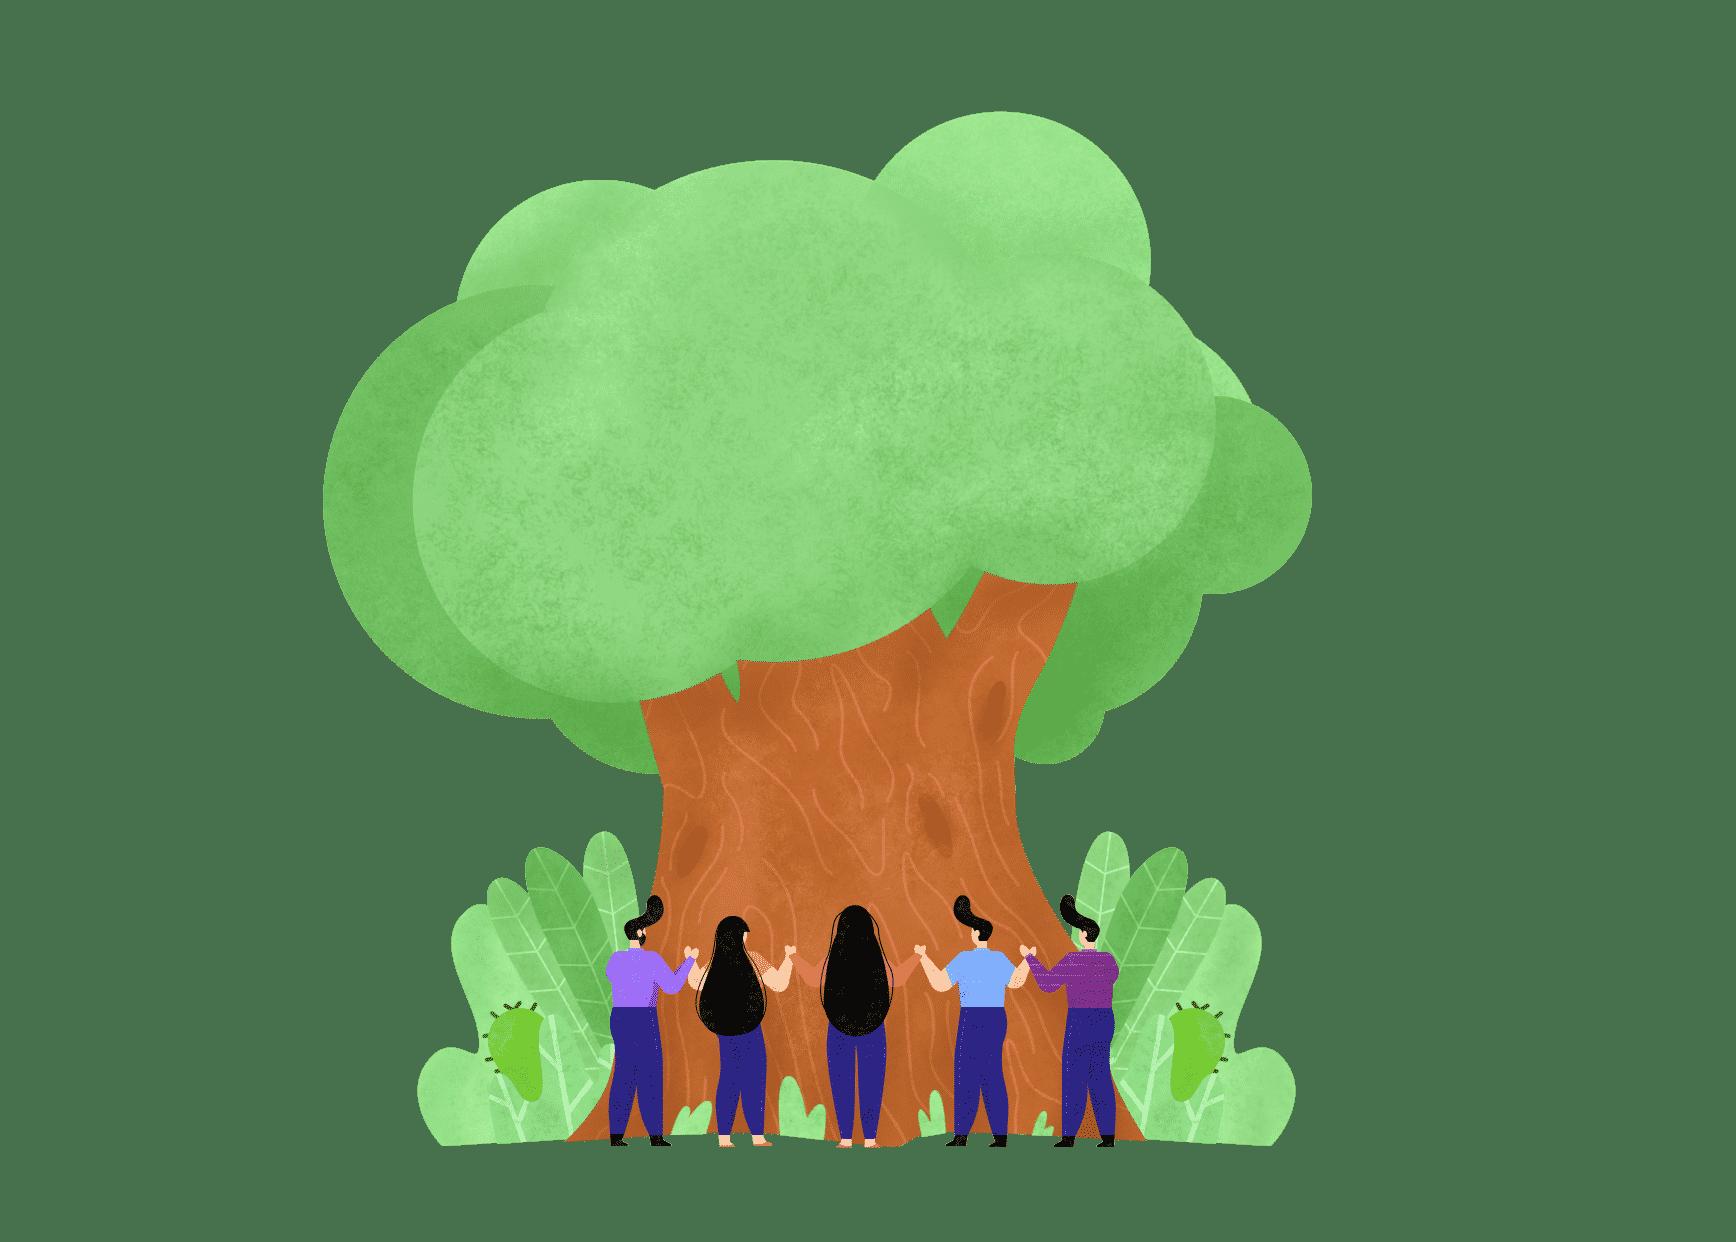 Le séminaire écolo : bon pour la planète et bon pour les équipes.